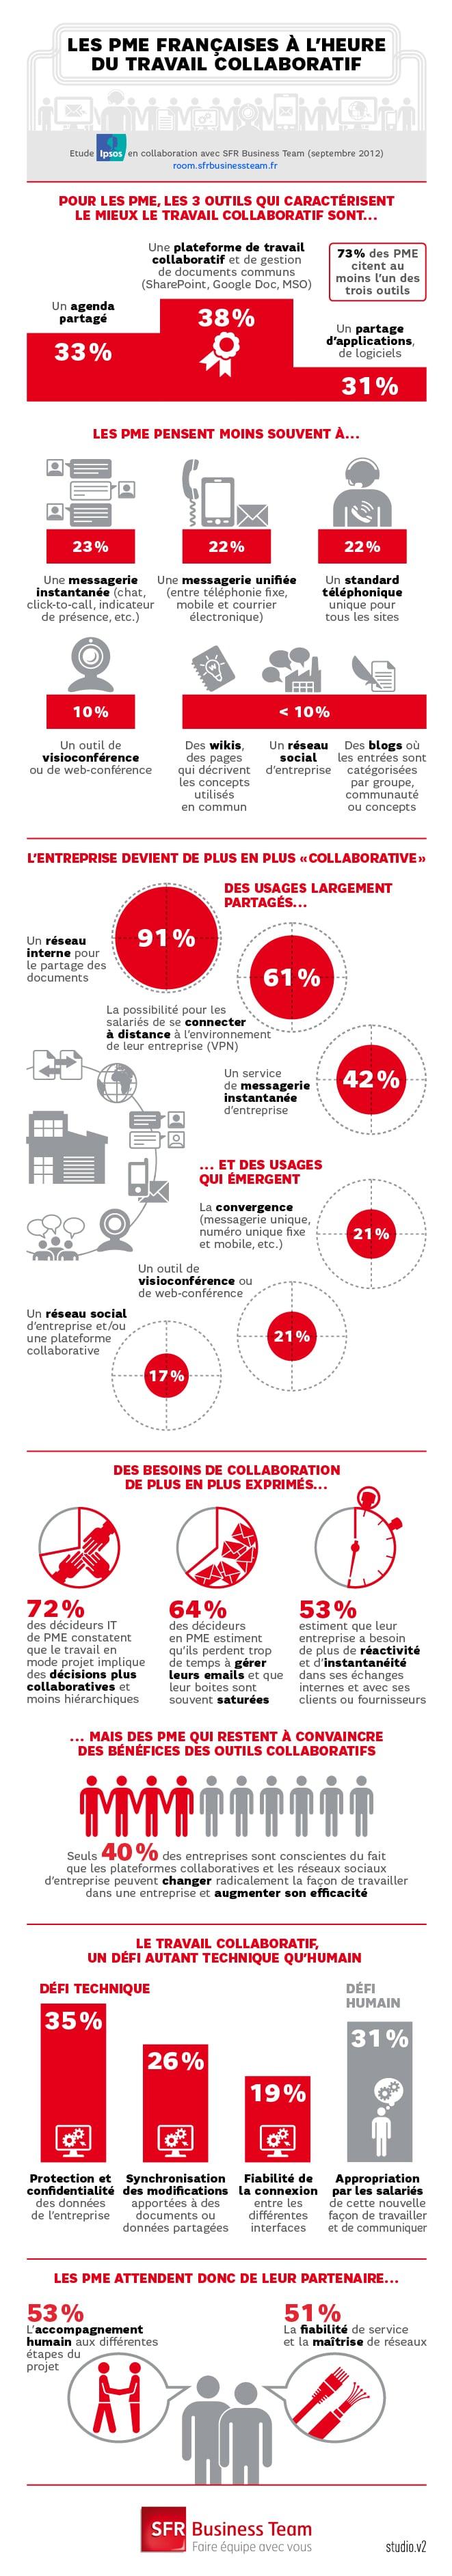 Etude d'Ipsos sur les PME et le travail collaboratif